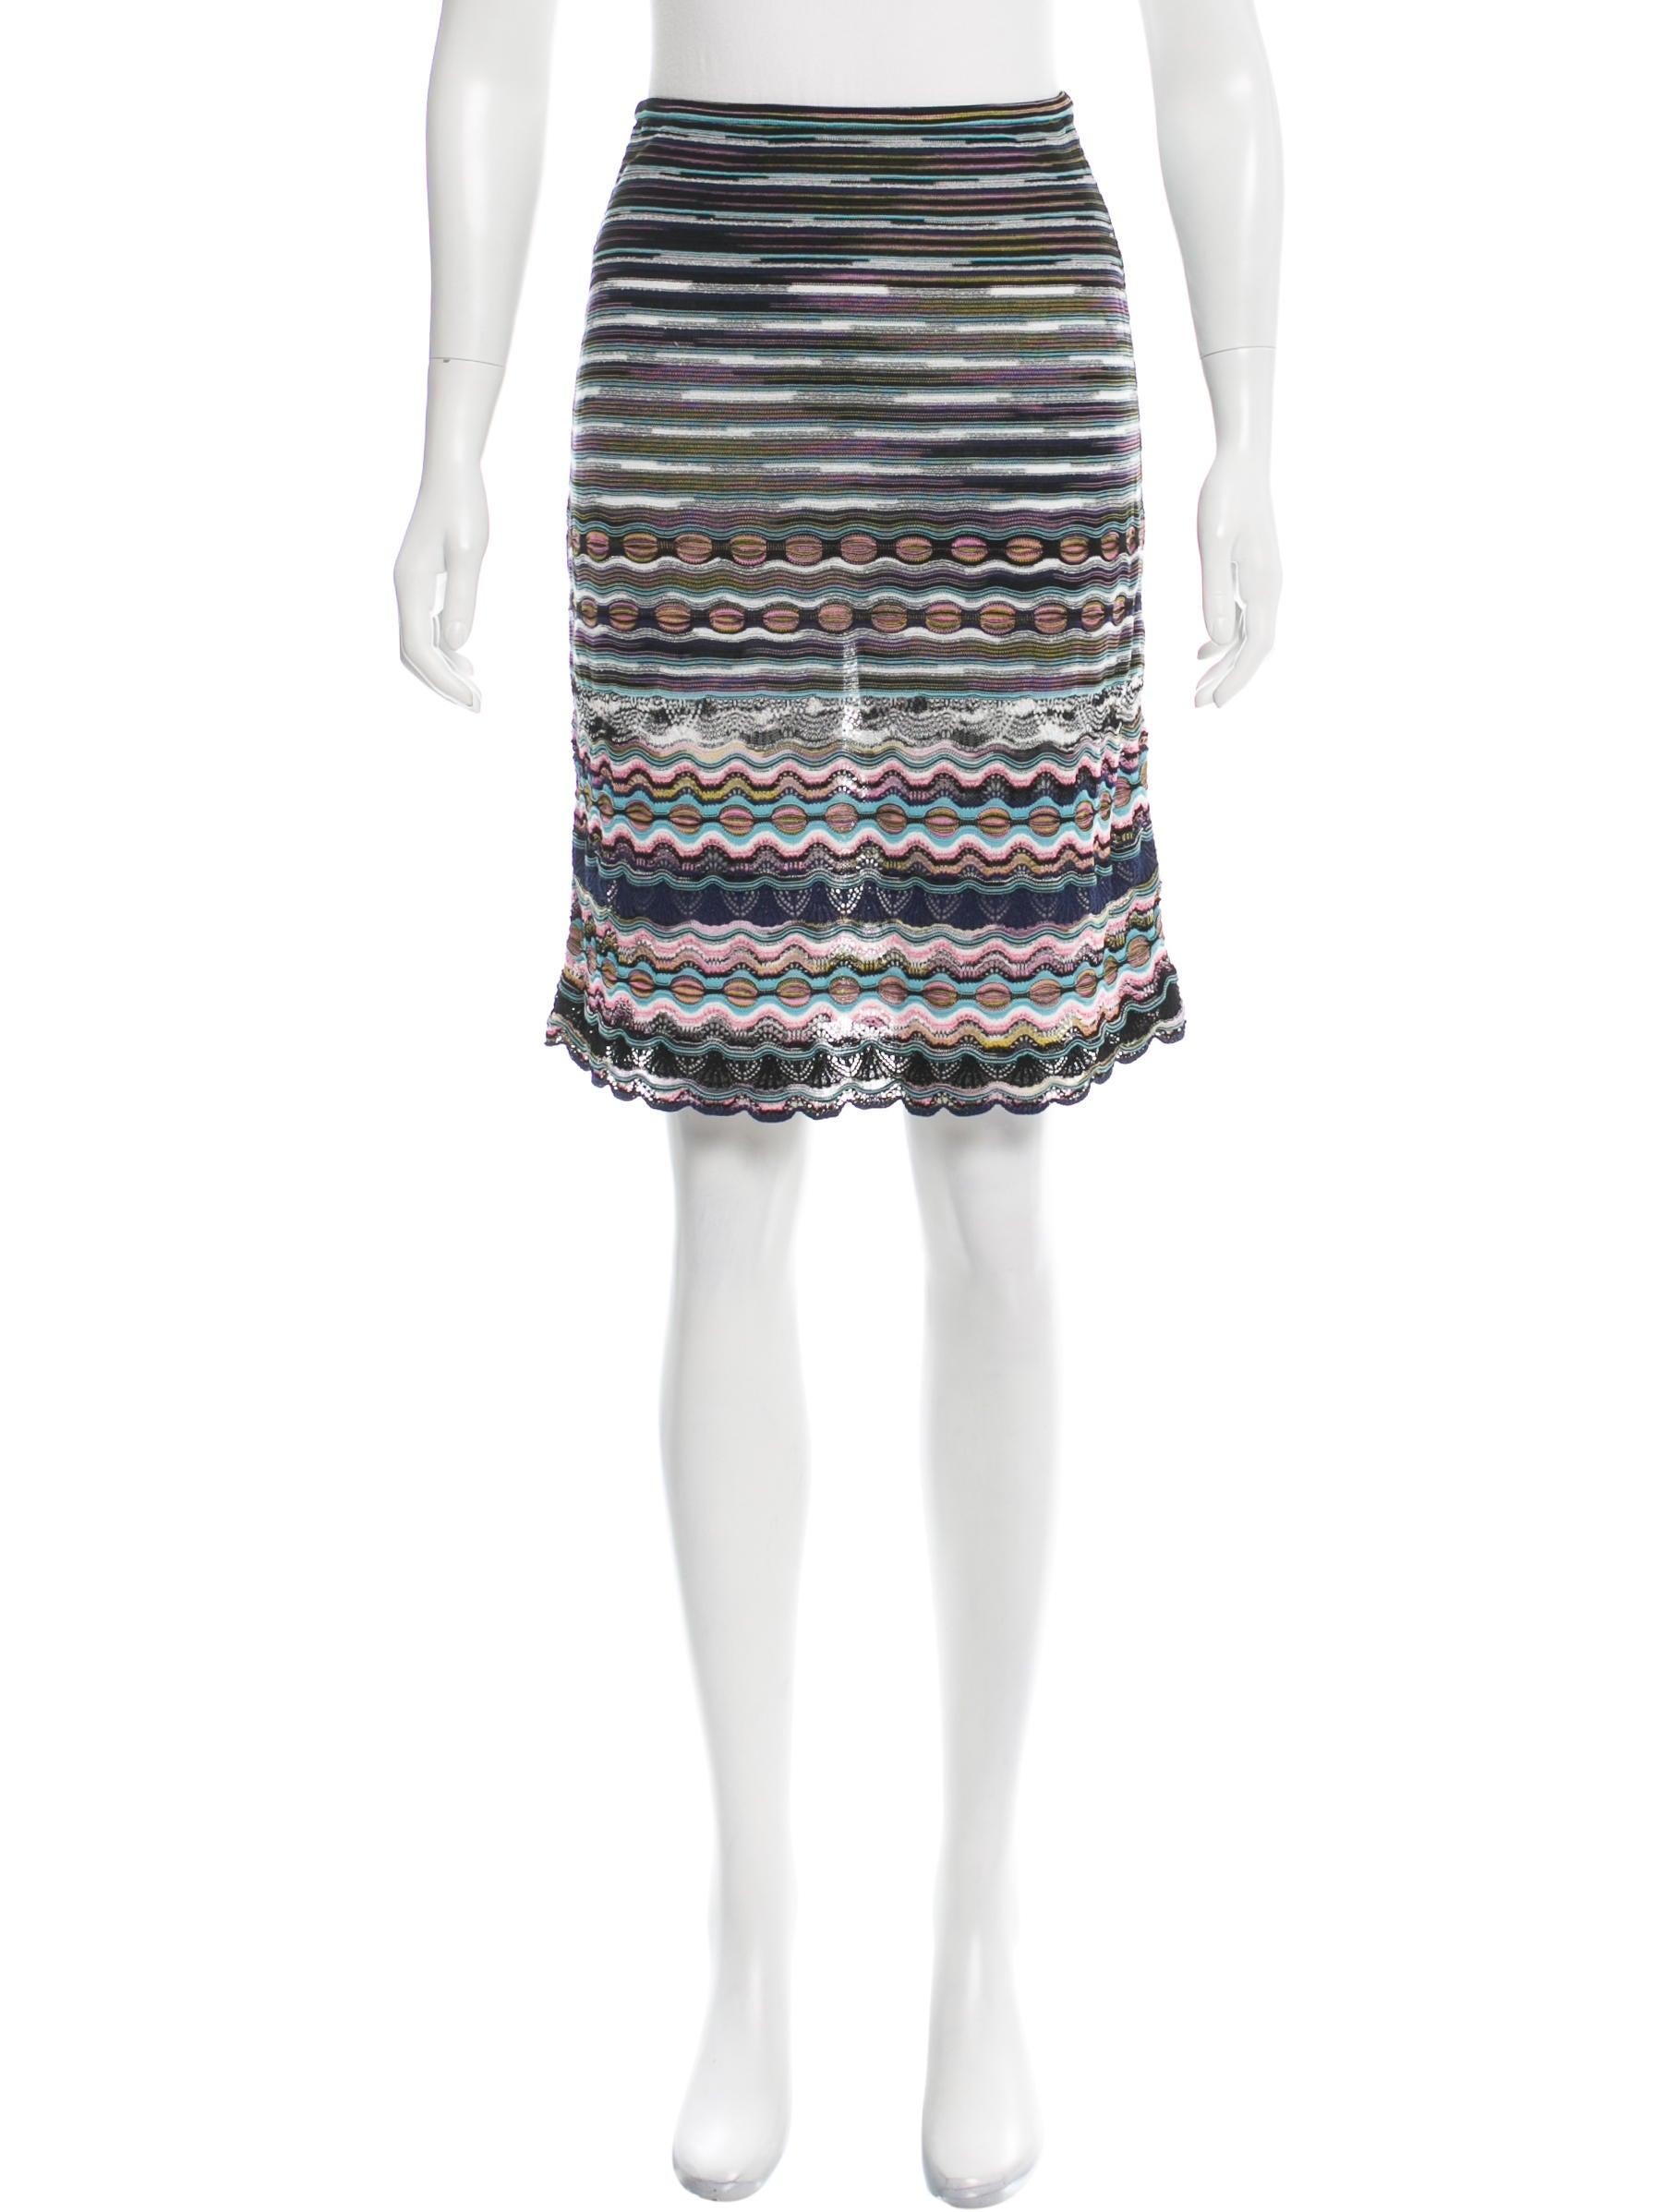 m missoni chevron a line skirt clothing wm437159 the